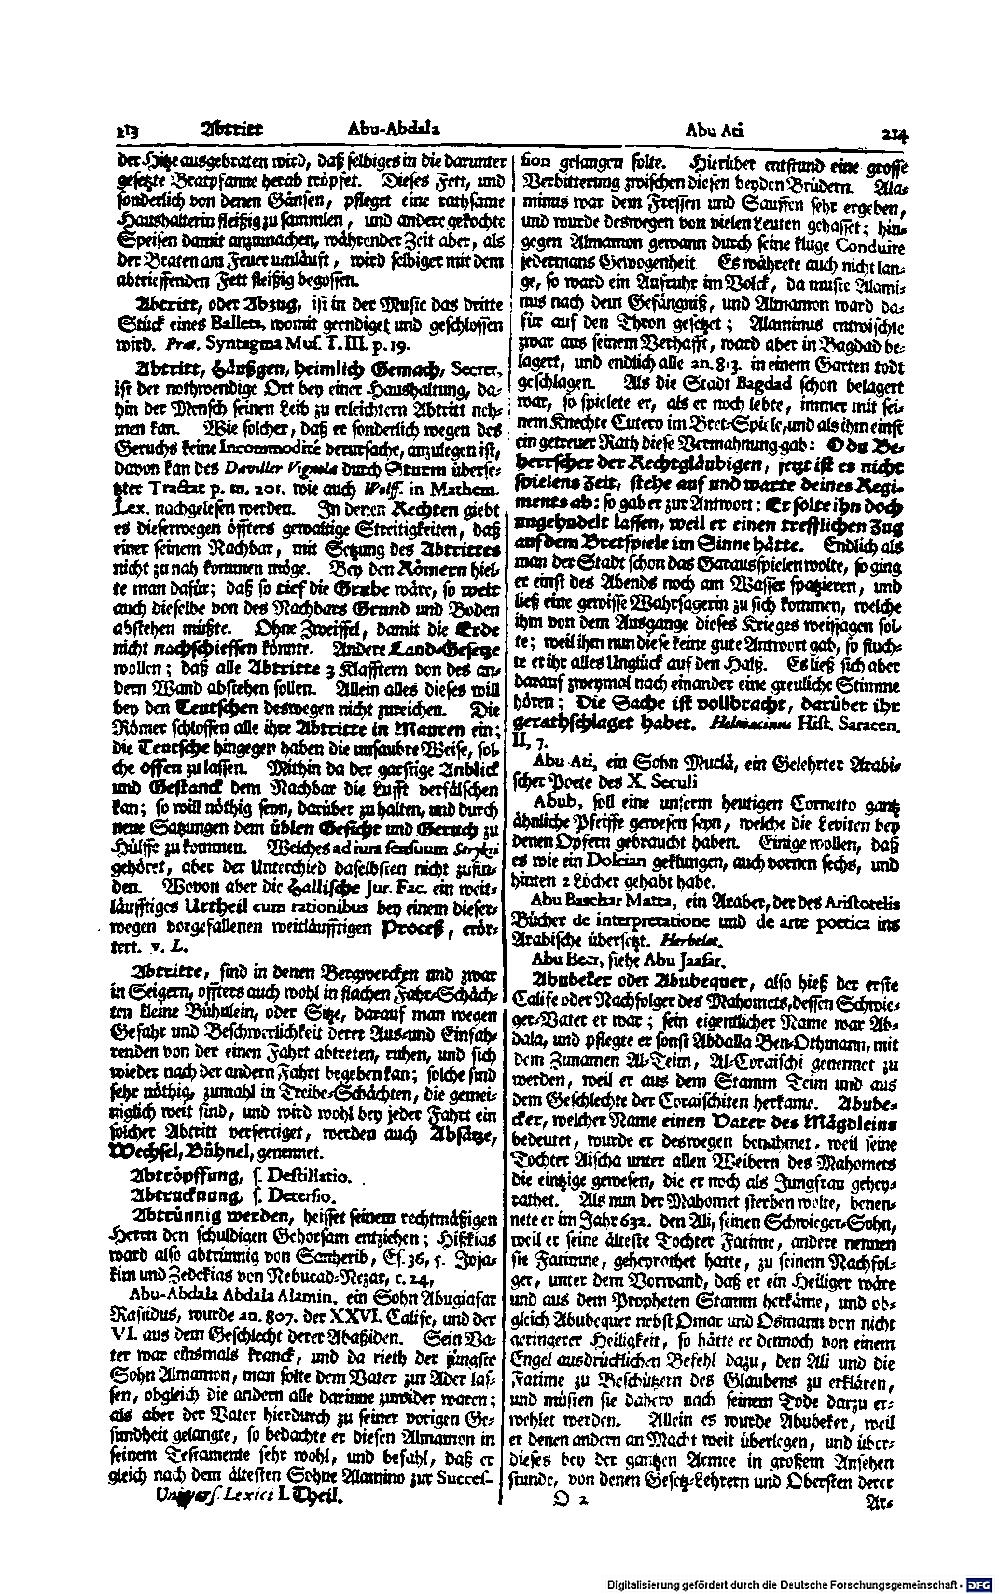 Bd. 01, Seite 0146.